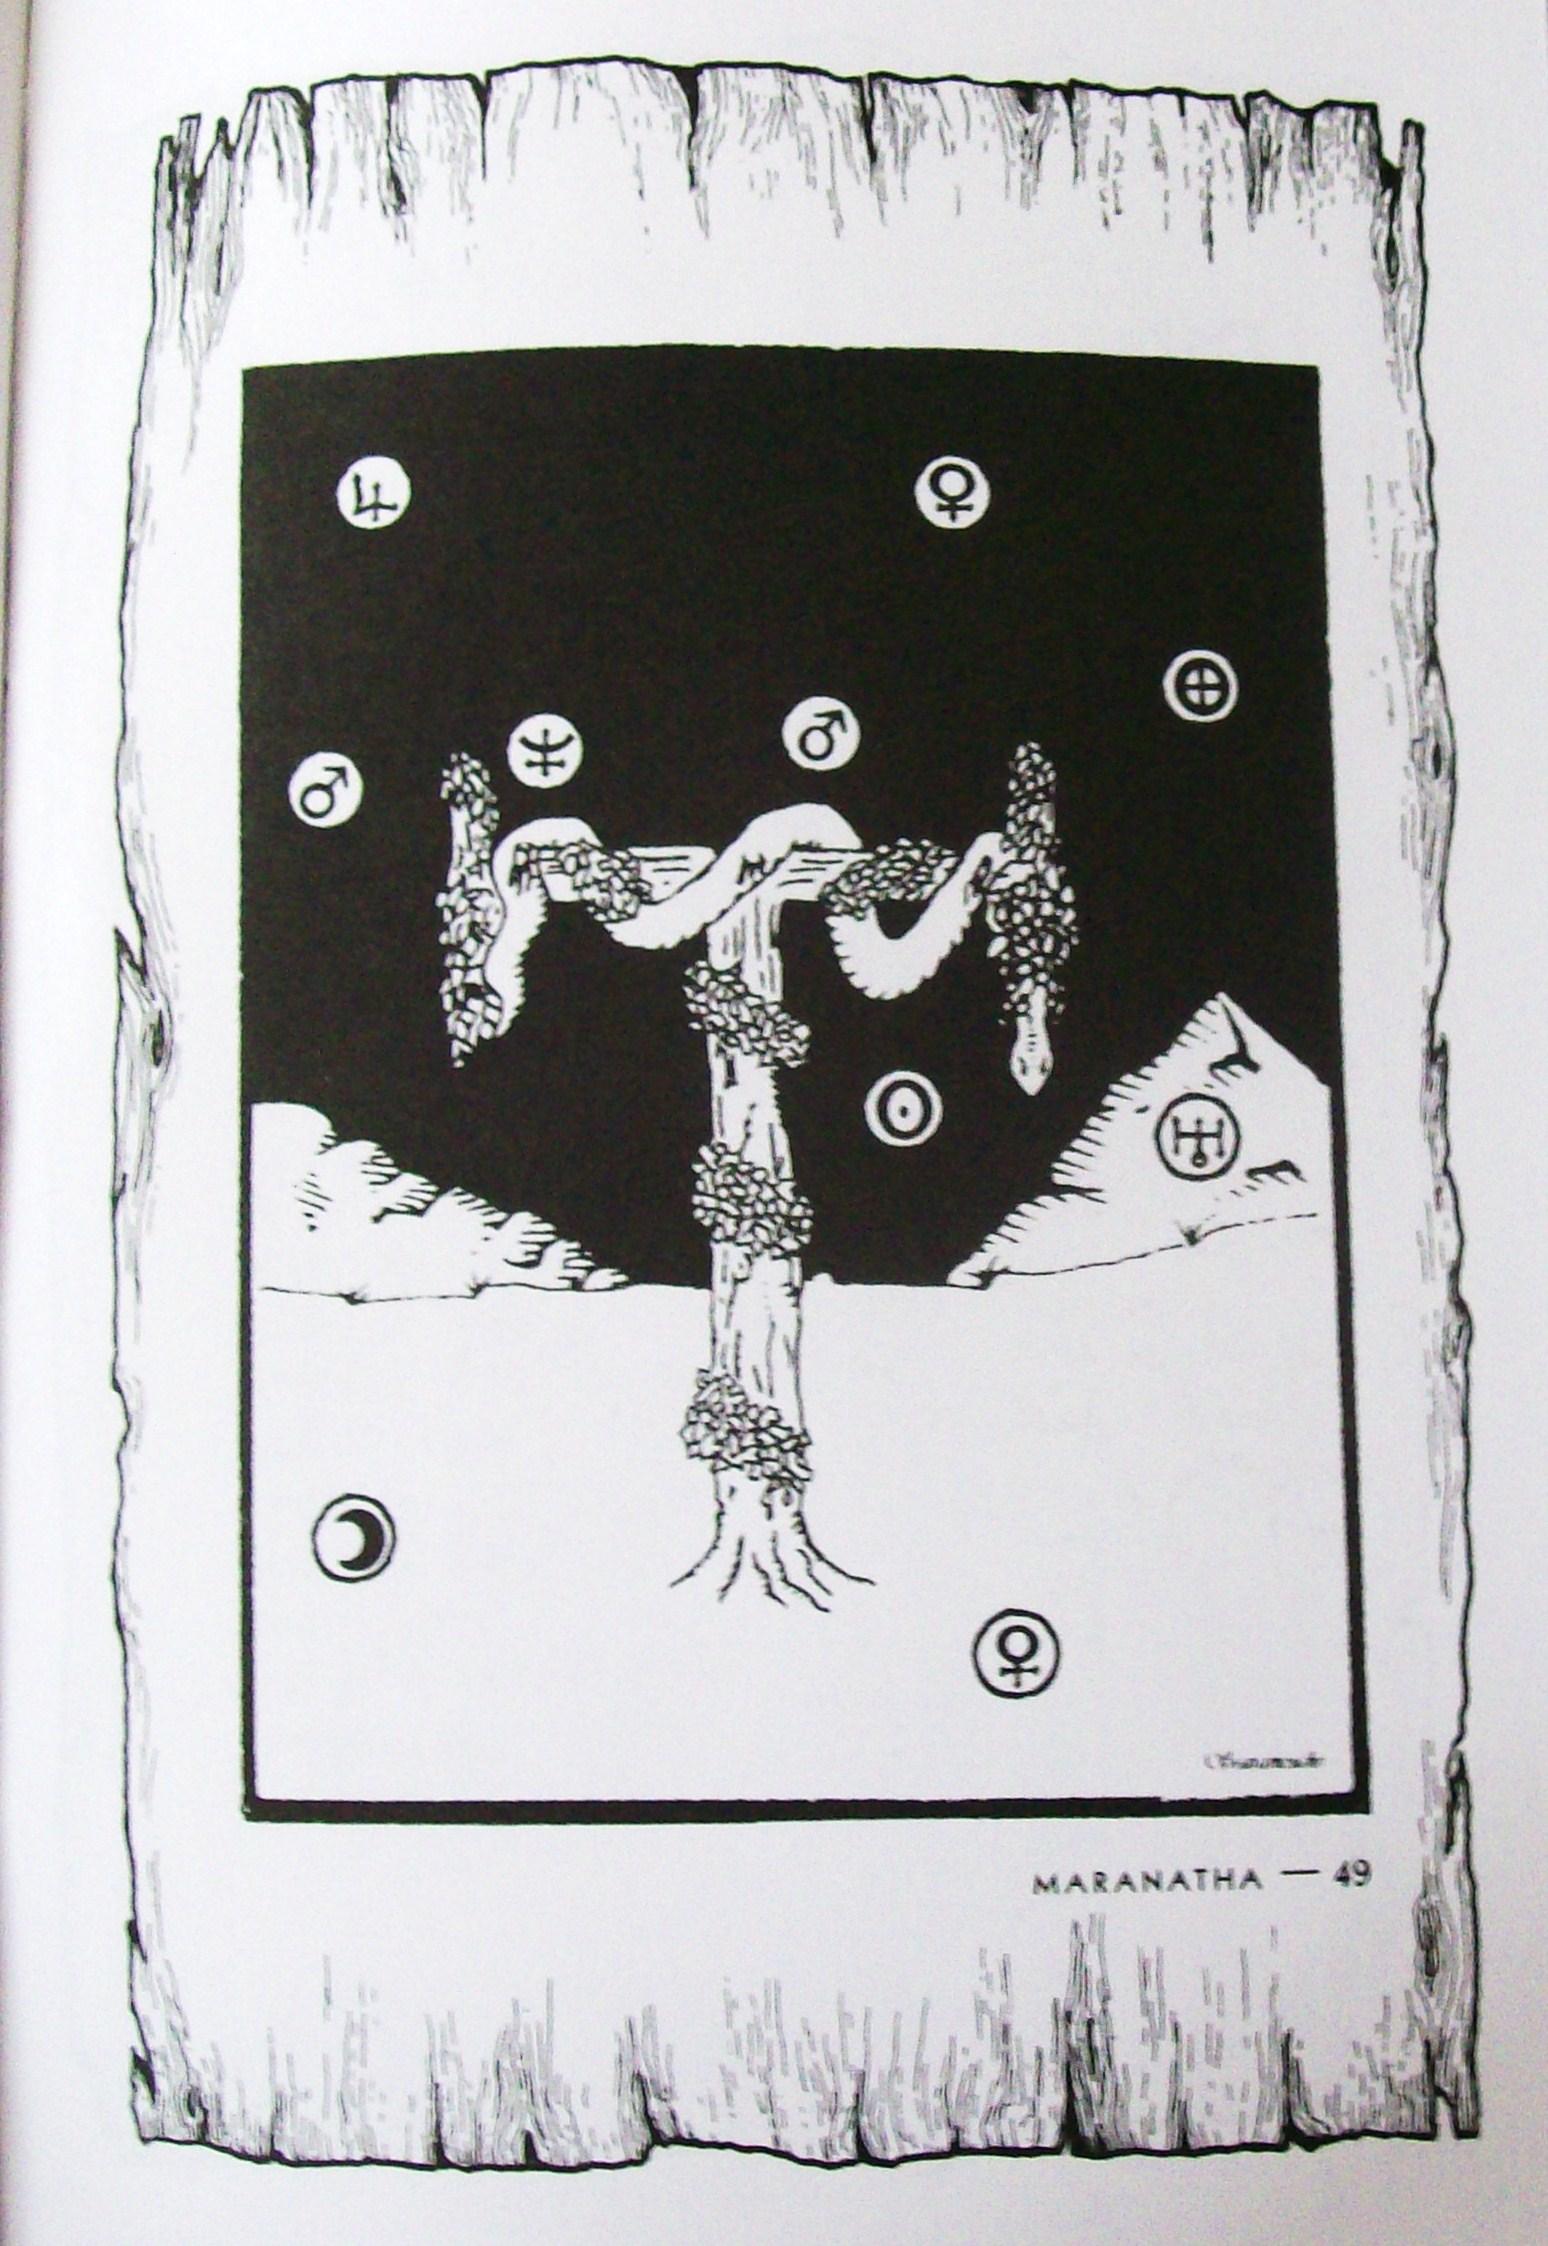 maranatha puzzle et in arcadia ego puzzle image